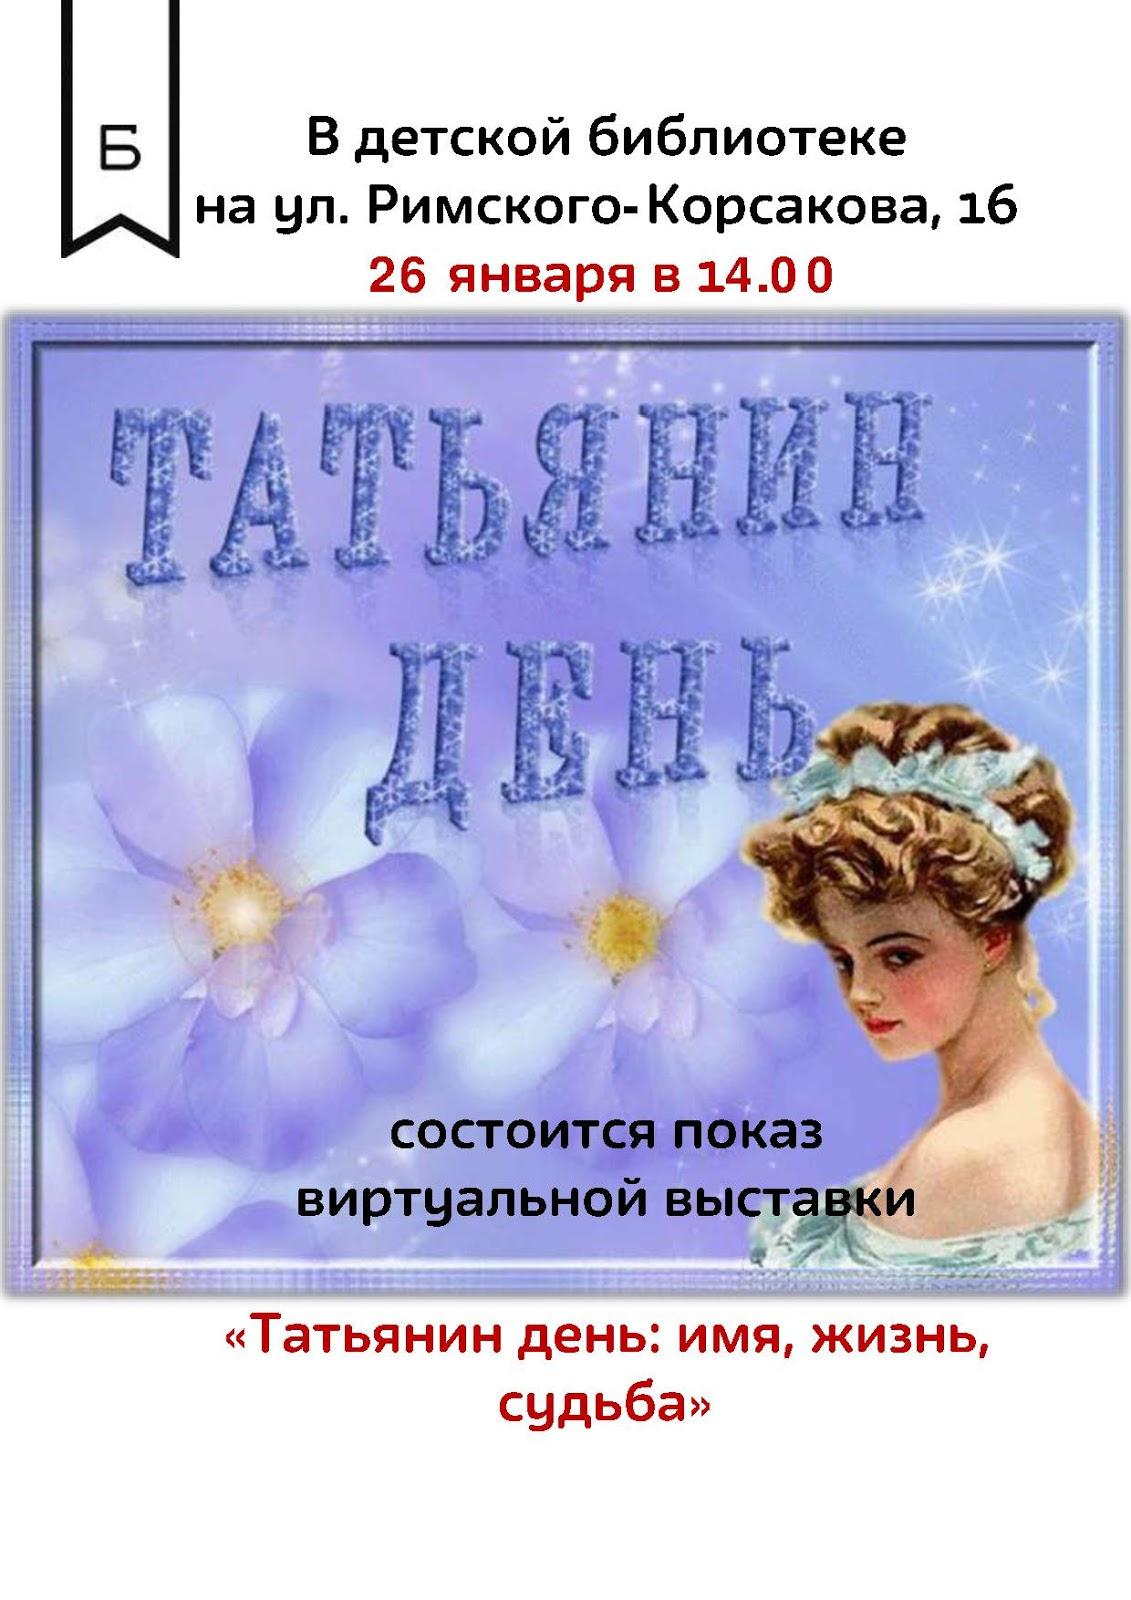 Татьянин День отпразднуют в библиотеке №56